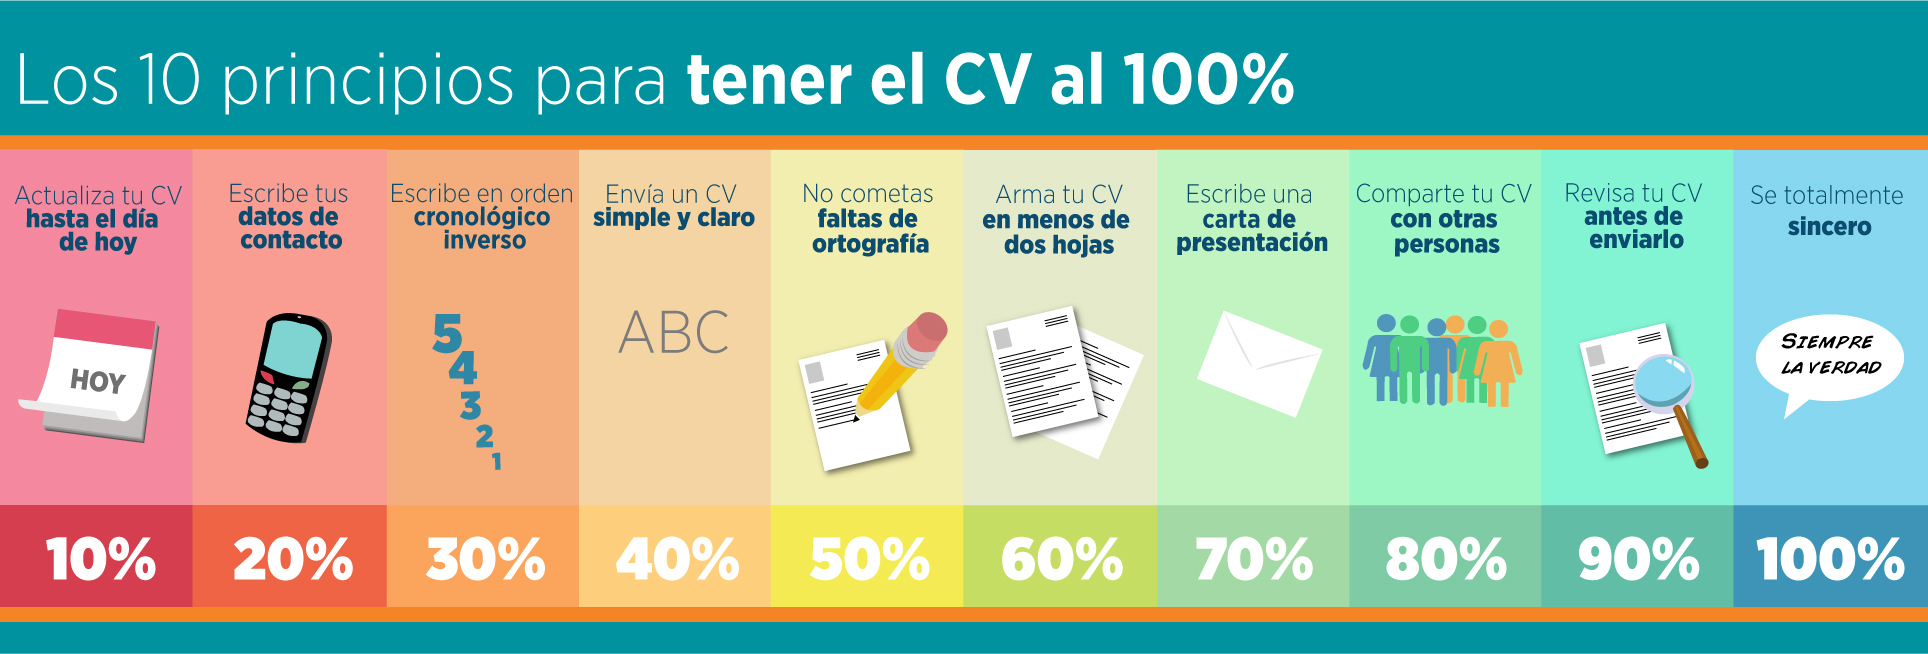 Los 10 principios para mejorar el CV al 100% – trabajemos